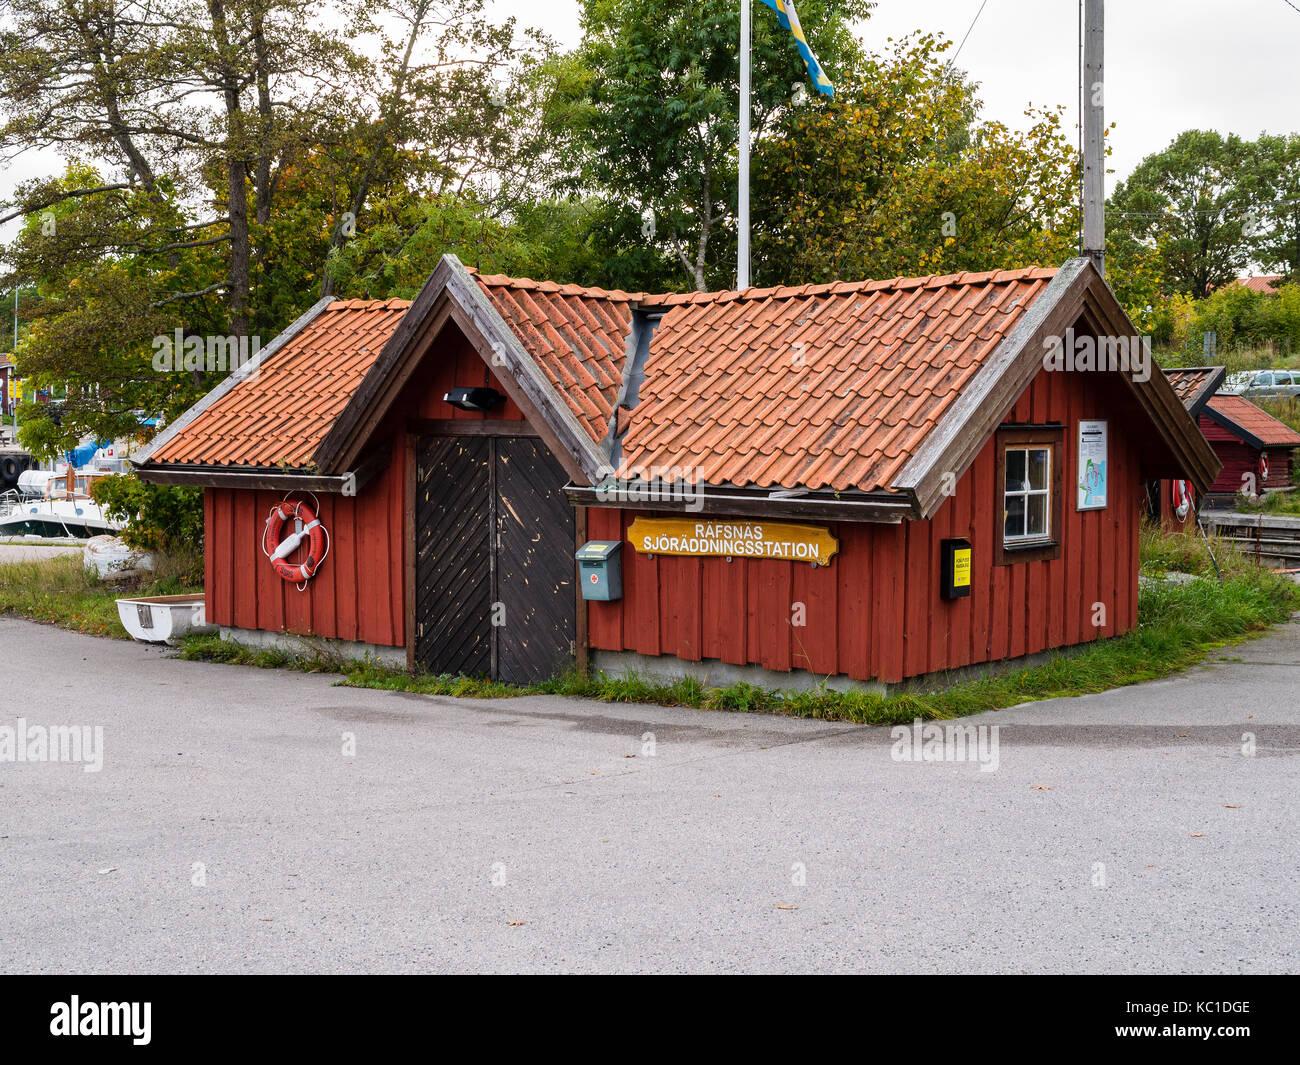 Casa de la Sociedad Sueca de Rescate del Mar en el puerto de Räfsnäs, cerca de Grädddö, Rådmansö en el archipiélago de Roslagen, de Estocolmo, Suecia, Europé. Foto de stock